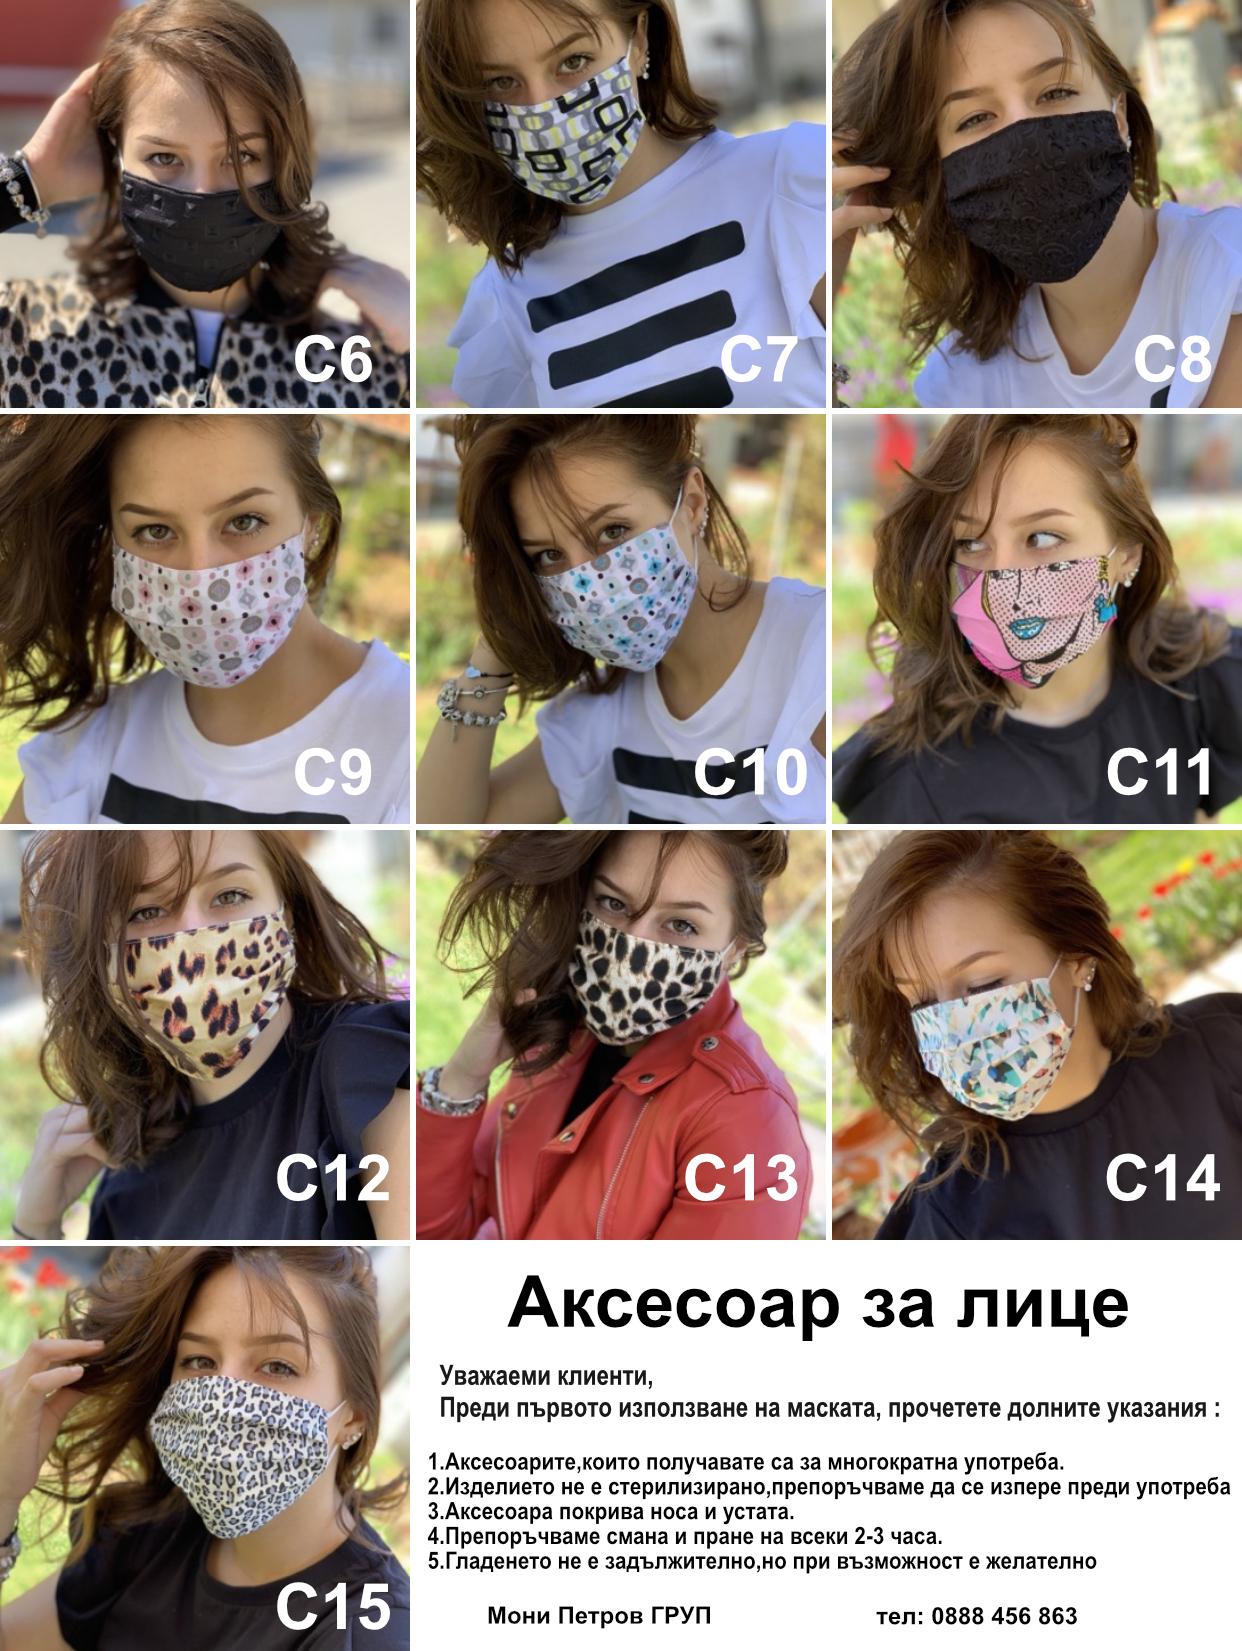 АКСЕСОАР ЗА ЛИЦЕ МОДЕЛ С10 1